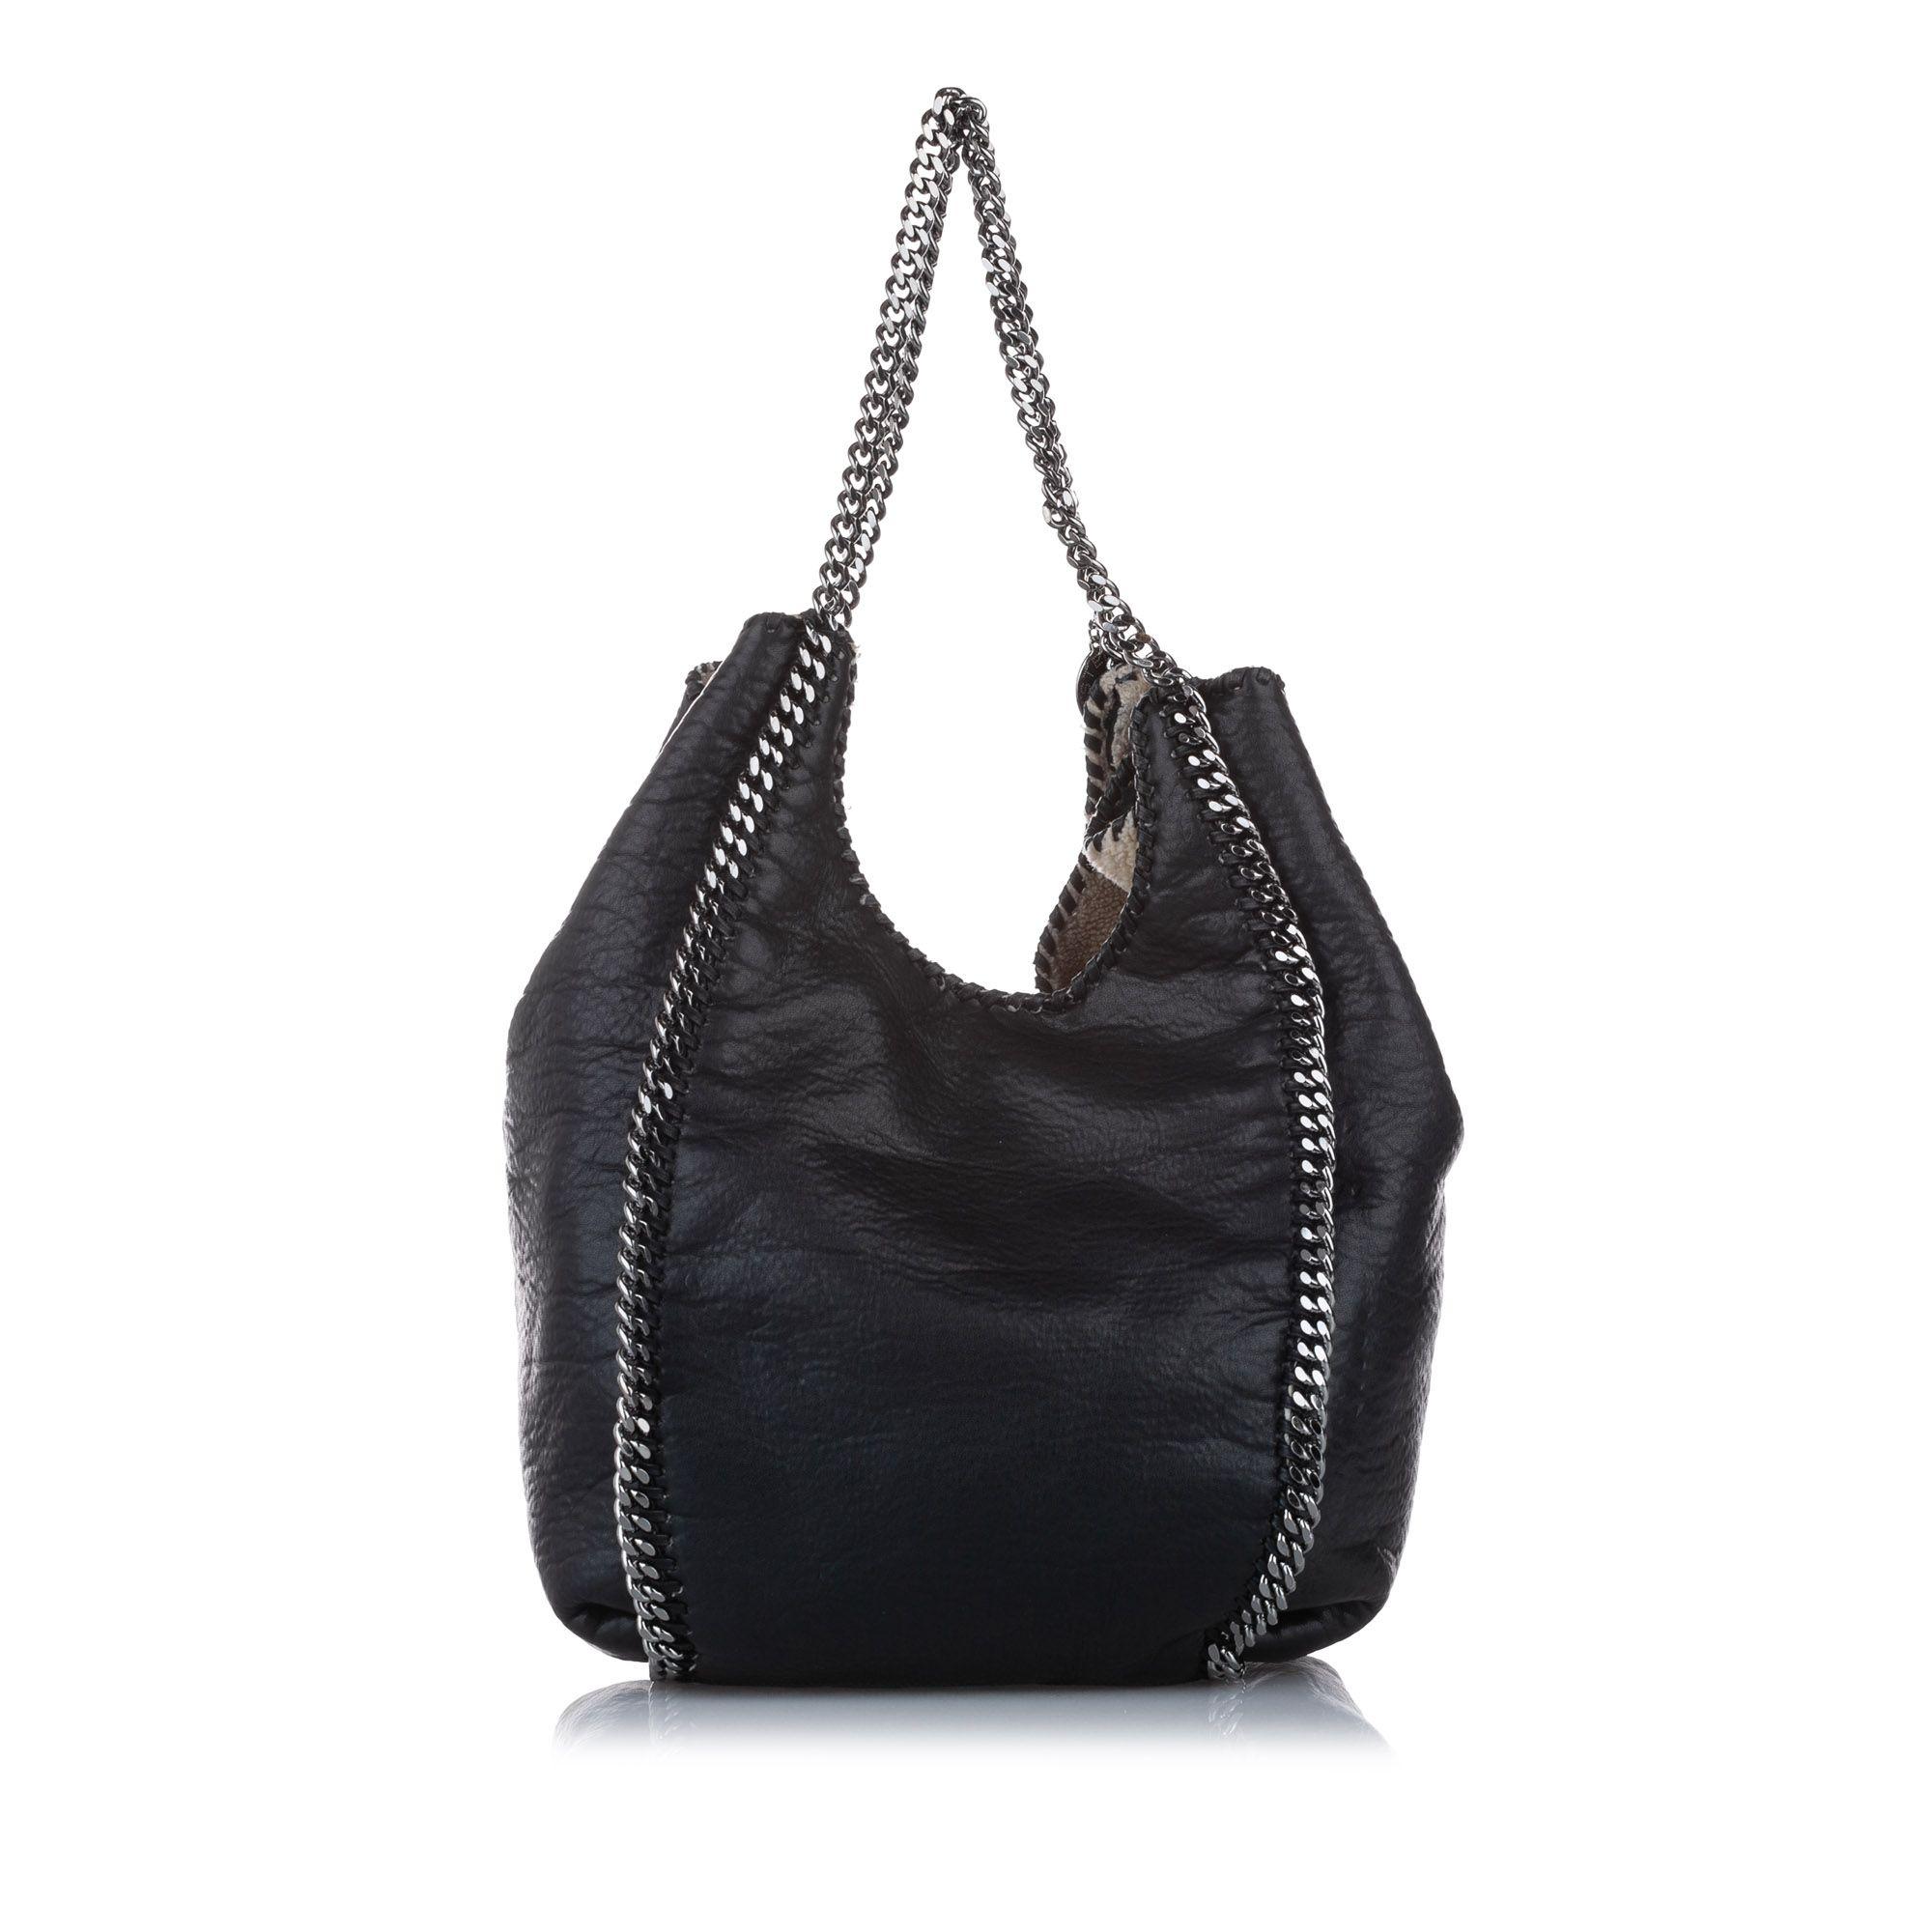 Vintage Stella McCartney Falabella Fold-Over Tote Bag Black